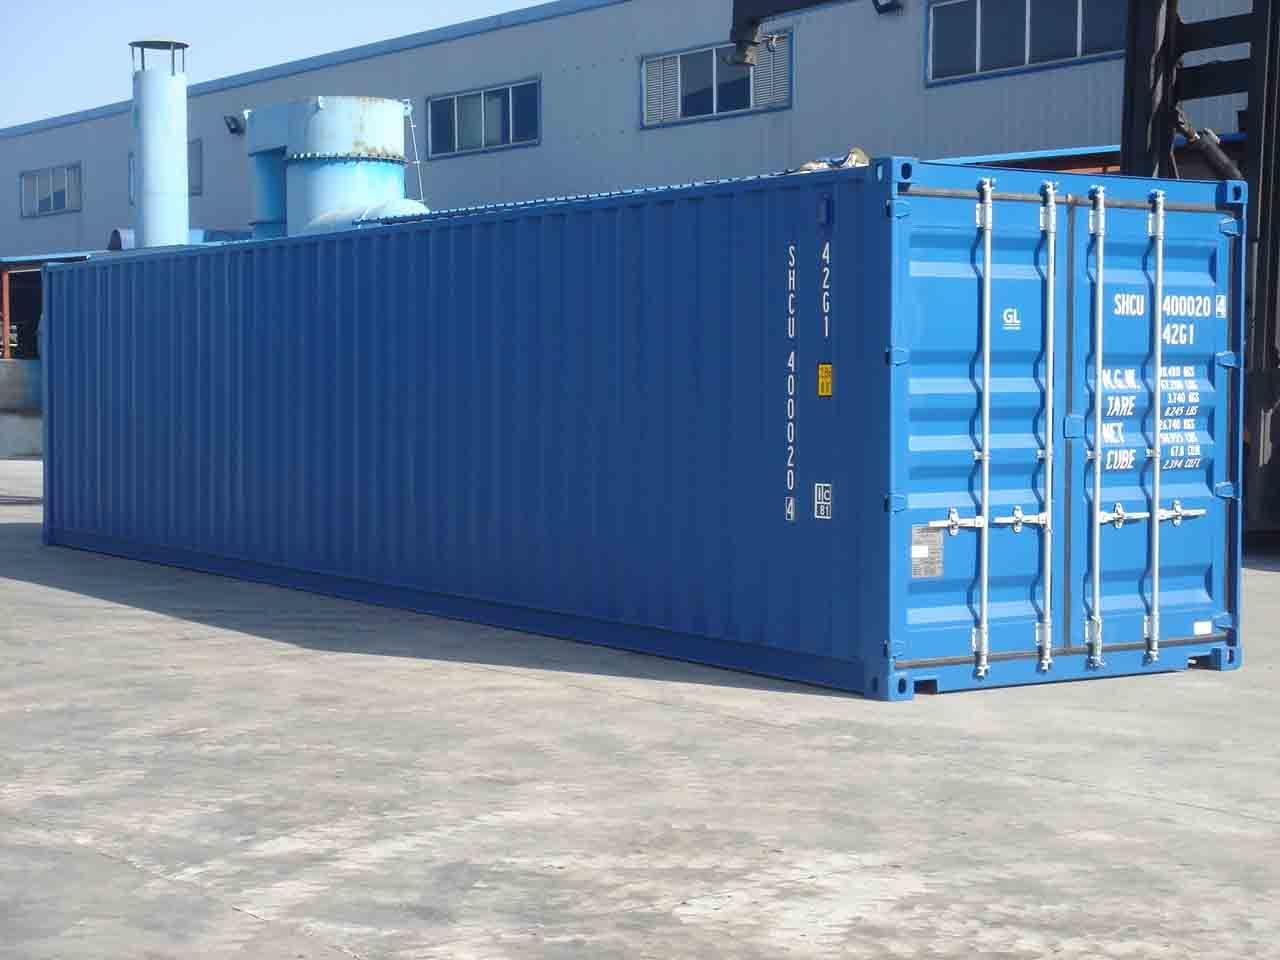 40 呎貨櫃尺寸 cm|40- 40 呎貨櫃尺寸 cm|40 - 快熱資訊 - 走進時代